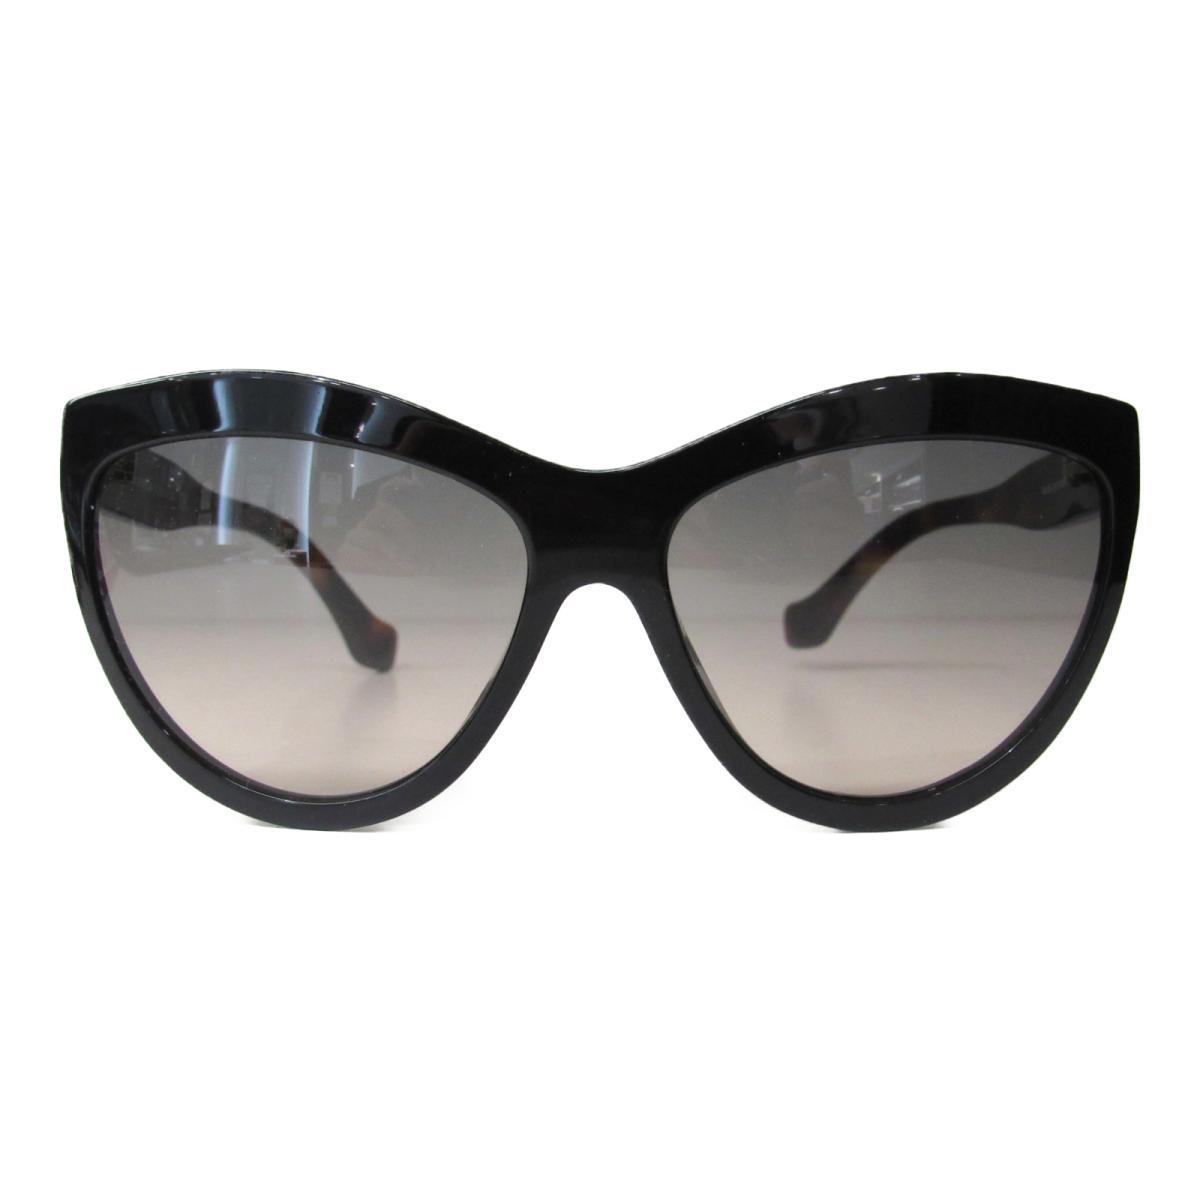 【金利0円!最大24回】バレンシアガ サングラス プラスチック ブラウンxブラック (60□16) 【中古】 | BALENCIAGA BRANDOFF ブランドオフ ブランド ブランド雑貨 小物 雑貨 眼鏡 メガネ めがね